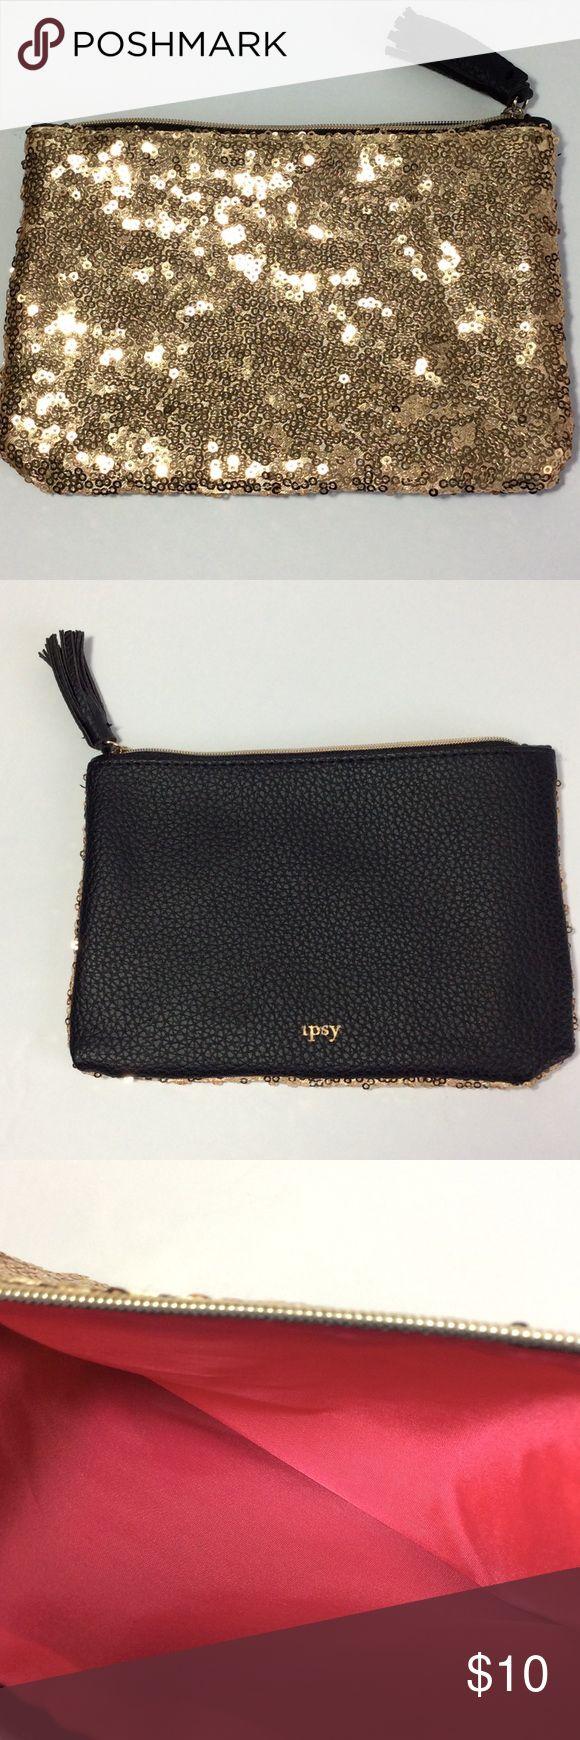 Ipsy Gold Sequin Makeup Bag With Black Tassel NWOT Ipsy